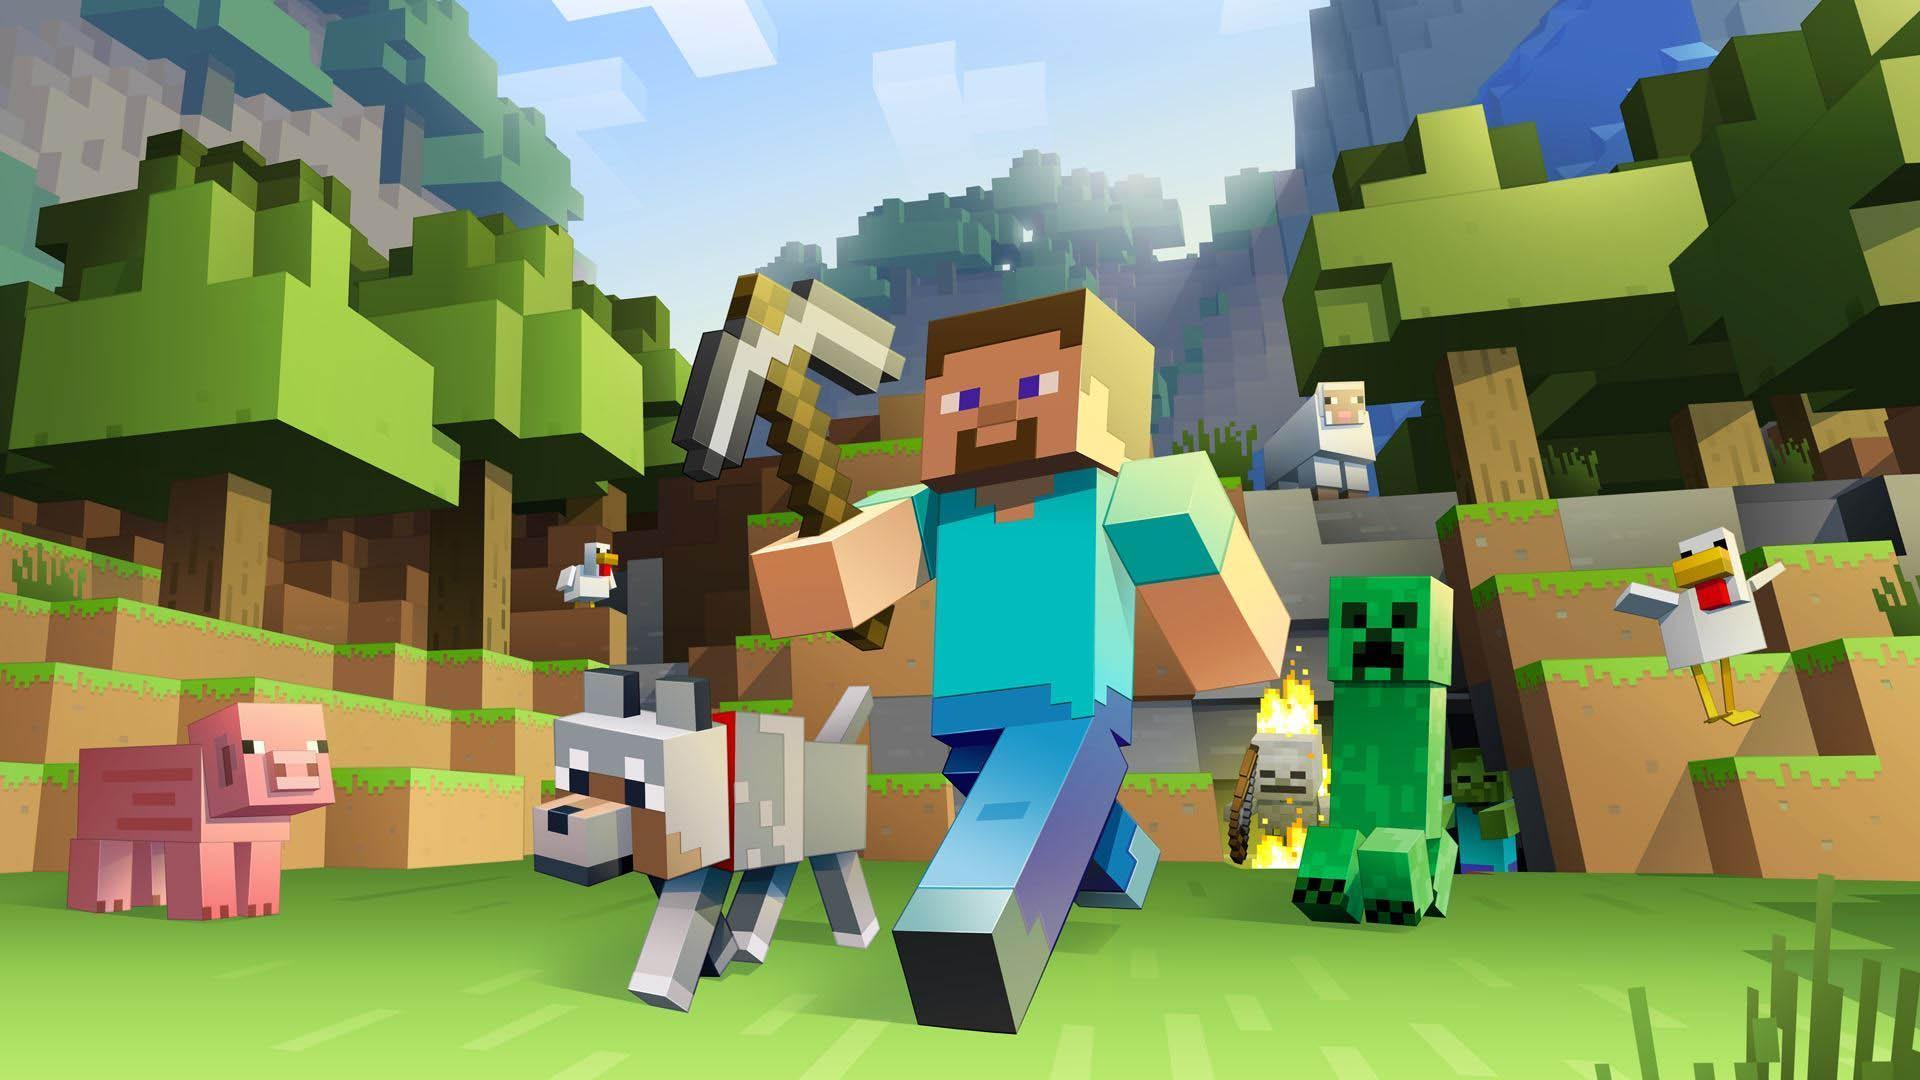 Hình nền Minecraft đẹp nhân vật có râu và chú chó